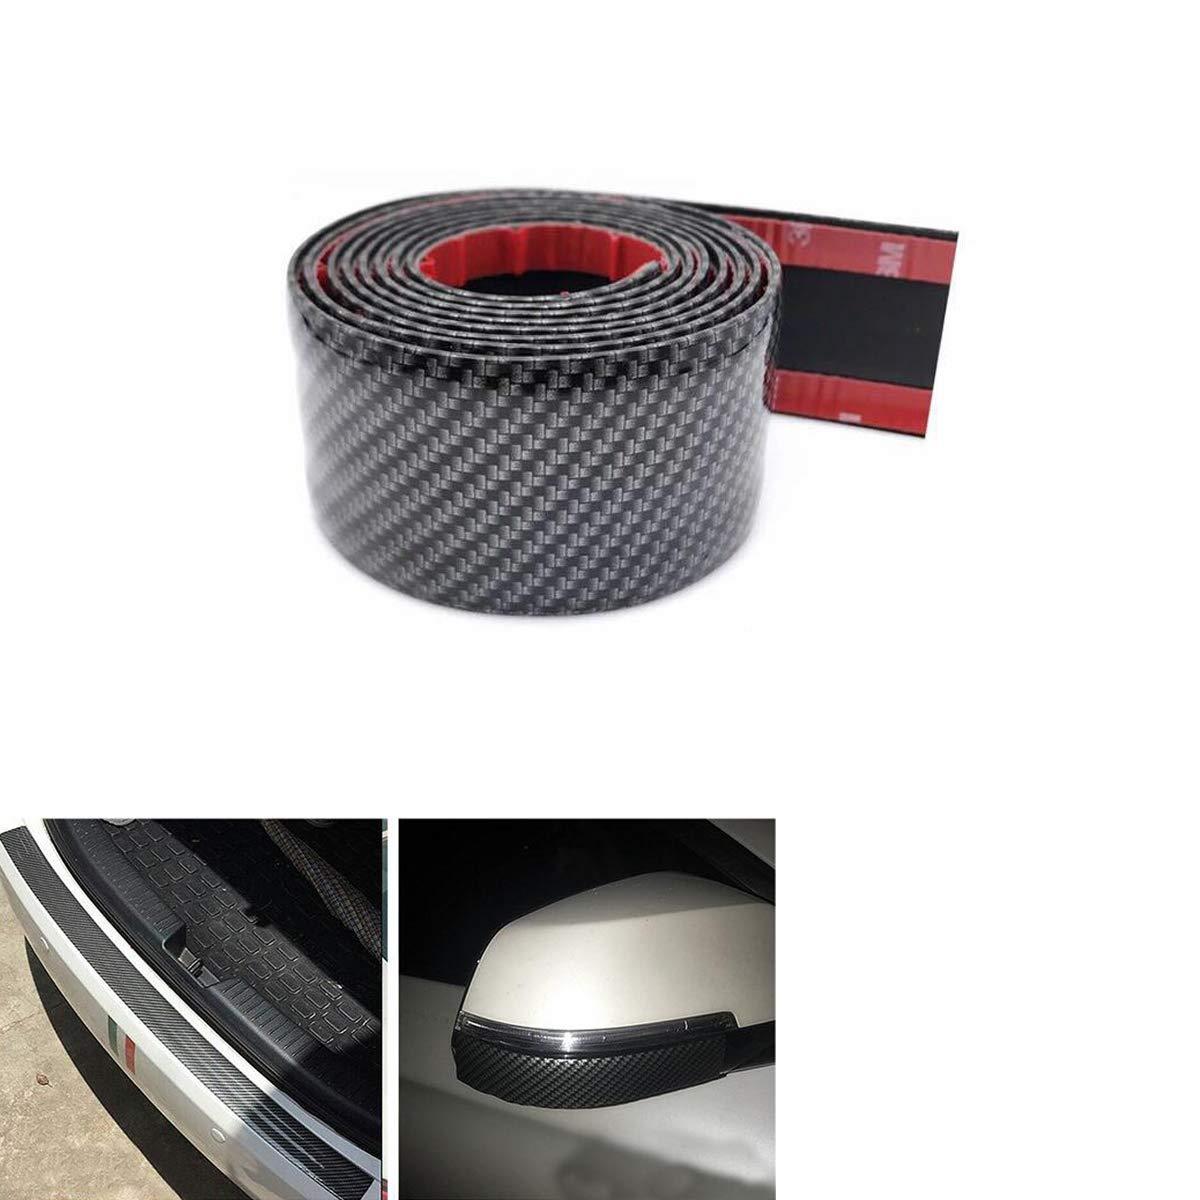 SMKJ Black Flexible Rubber Carbon Fiber Sill Cover Non Slip Adhesive Strips Rear Bumper Protector Trunk Scratch-Resistant Guardrail